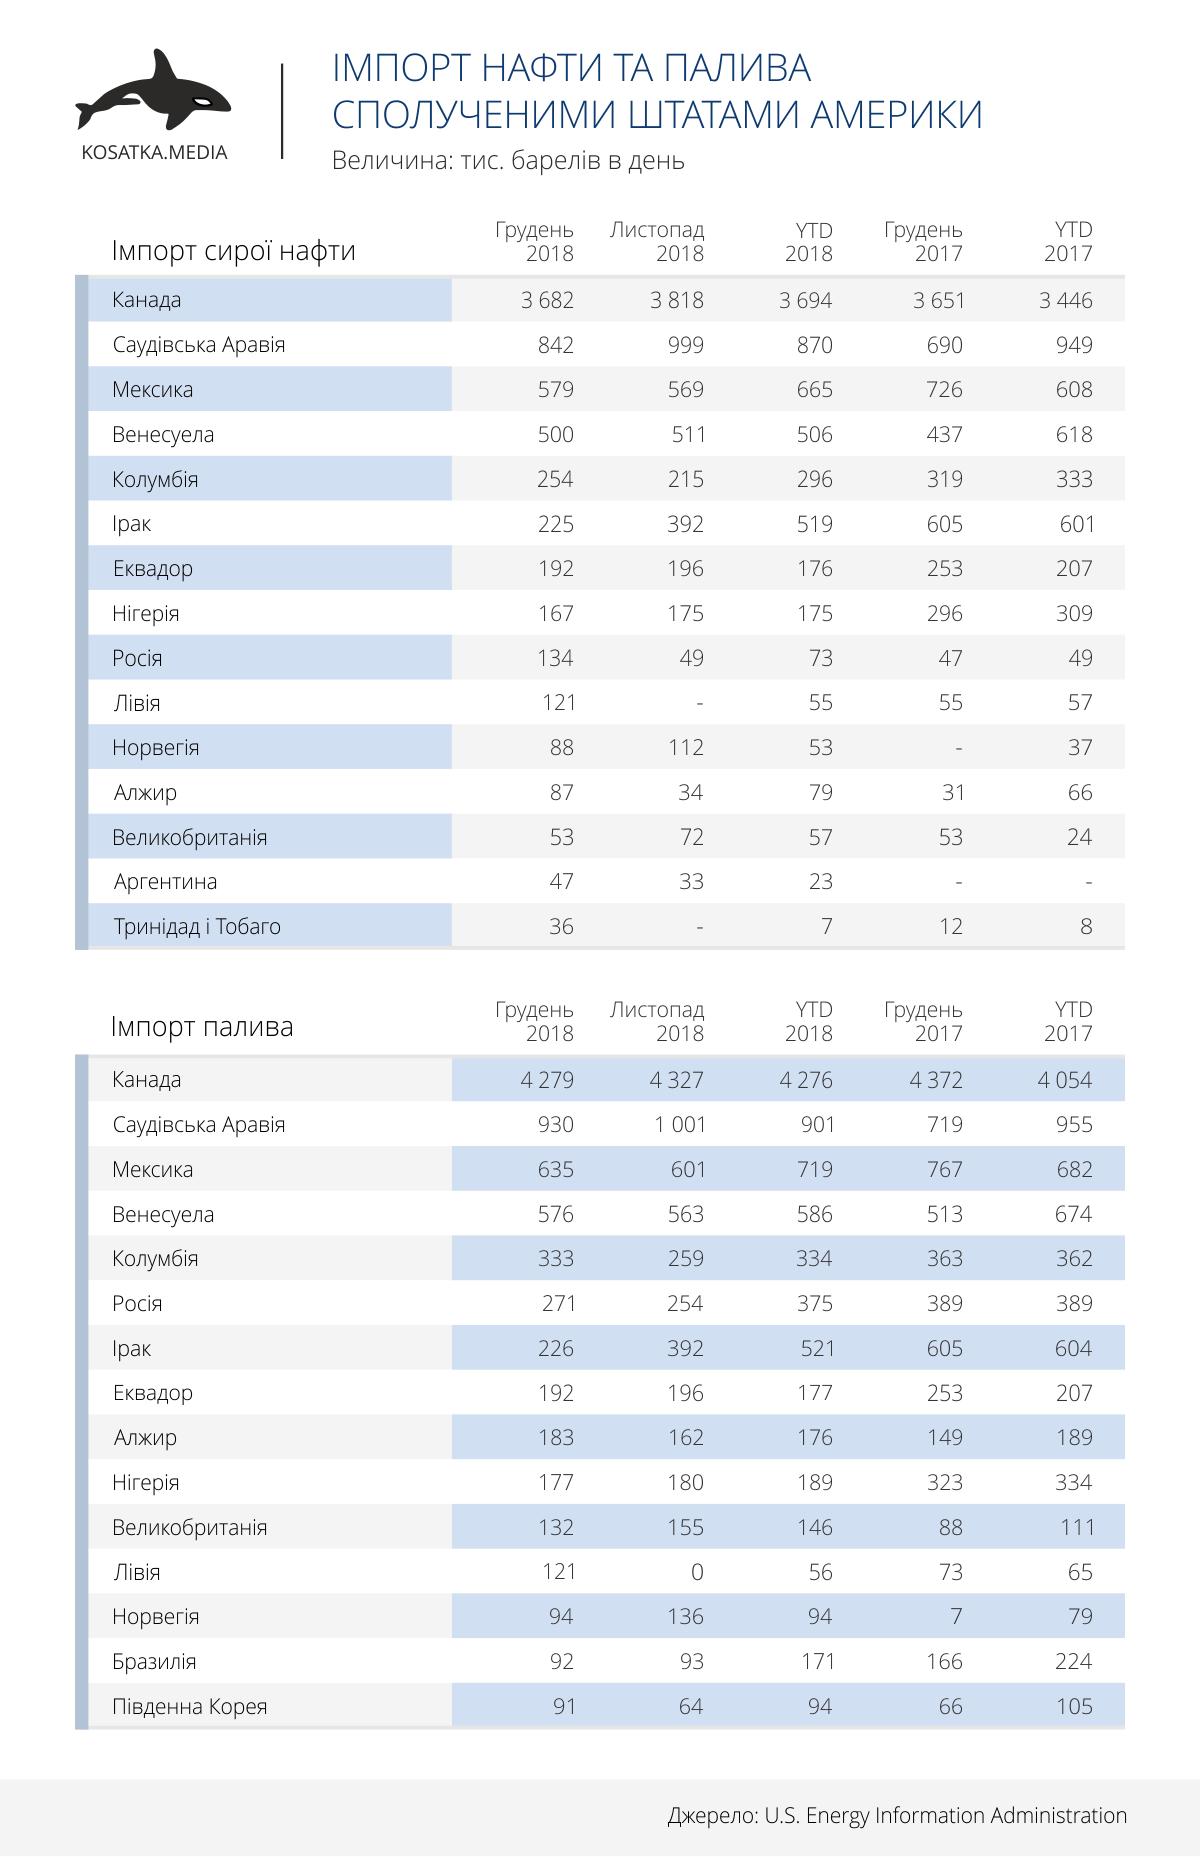 Імпорт нафти та палива Сполученими Штатами Америки